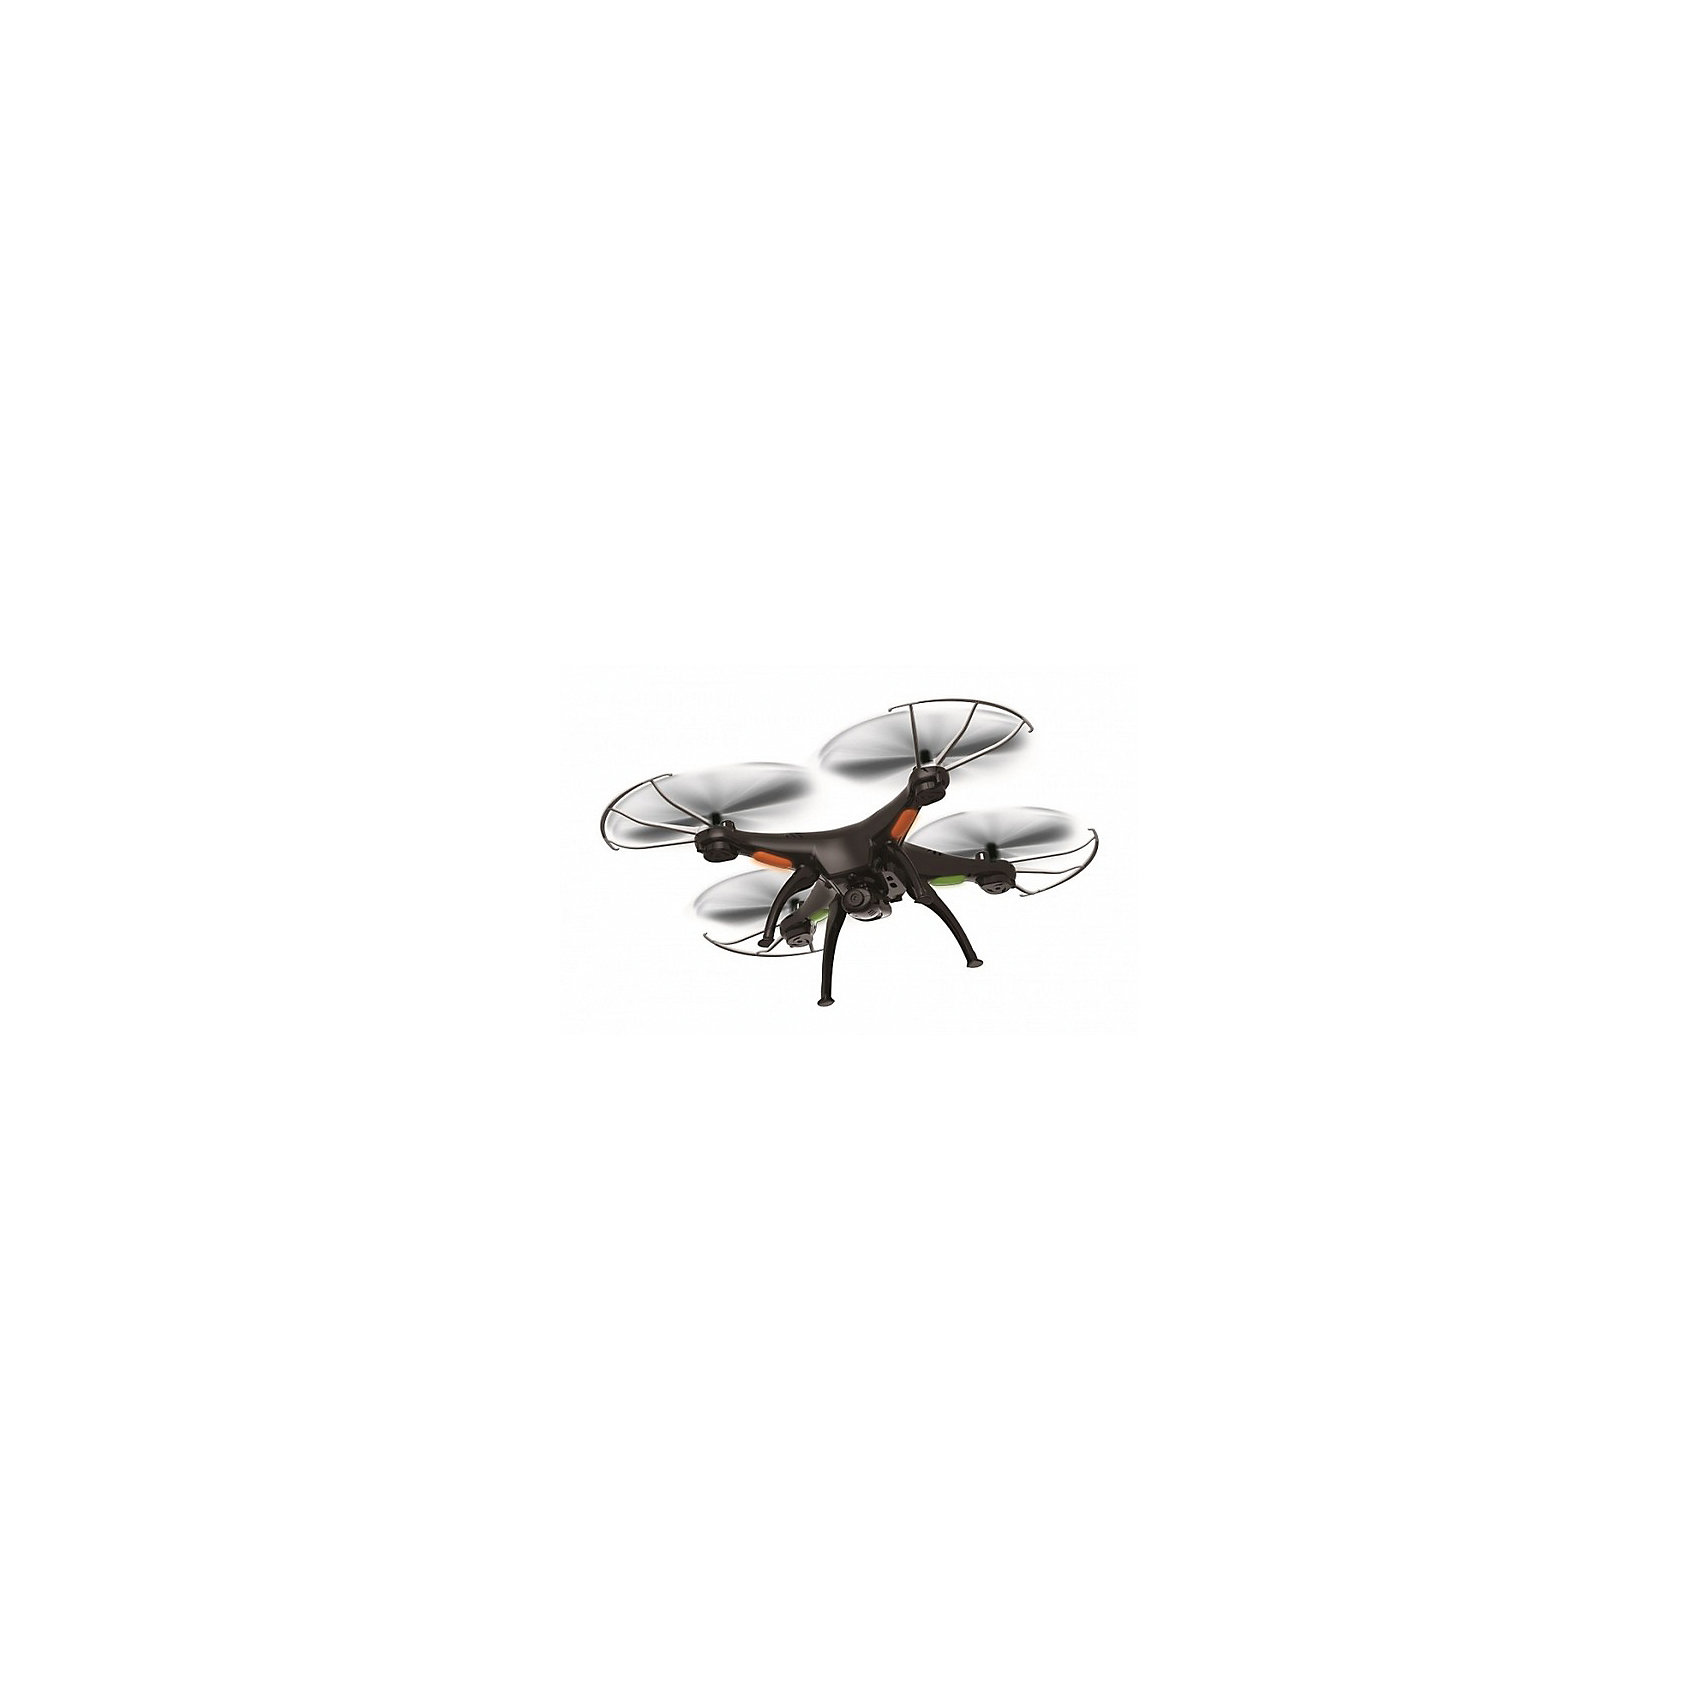 Квадрокоптер р/у Шпион, черный, Властелин небесКвадрокоптер р/у Шпион, черный, Властелин небес<br><br>Характеристики:<br><br>• встроенная камера 2 Мп<br>• функция фото- и видеосъемки, возможность трансляции на смартфон<br>• режим автоориентации<br>• время игры: до 10 минут<br>• время зарядки: около 50 минут<br>• дальность действия: 100 метров<br>• частота р/у: 2.4 ГГц<br>• аккумулятор: 3.7V, Li-poly<br>• размер игрушки: 31х31х11 см<br>• материал: пластик, металл<br>• в комплекте: квадрокоптер, пульт управления, крепление для смартфона, USB кабель, аккумулятор, запасные винты, отвертка, инструкция<br>• батарейки: АА - 4 шт. (не входят в комплект)<br>• цвет: черный<br><br>Квадрокоптер Шпион - действительно фантастическая игрушка для детей и взрослых. Он оснащен встроенной камерой 2 Мп, которая позволяет делать фото и видео в процессе полета. Кроме того, вы можете воспользоваться надежным креплением для смартфона и наблюдать за красотой полета в реальном времени! Высокая дальность действия позволит вам сделать красивые фото, не сходя с места. Квадрокоптер оснащен функцией HEADLESS MODE, при включении которой игрушка автоматически ориентируется в пространстве и распознает, какая сторона должна быть задом, а какая передом. В комплект входят запасные детали на случай поломки. Время игры при полной зарядке - до 10 минут.<br>Необходимы четыре батарейки АА (не входят в комплект).<br><br>Квадрокоптер р/у Шпион, черный, Властелин небес можно купить в нашем интернет-магазине.<br><br>Ширина мм: 95<br>Глубина мм: 410<br>Высота мм: 340<br>Вес г: 1130<br>Возраст от месяцев: 120<br>Возраст до месяцев: 2147483647<br>Пол: Мужской<br>Возраст: Детский<br>SKU: 5397119